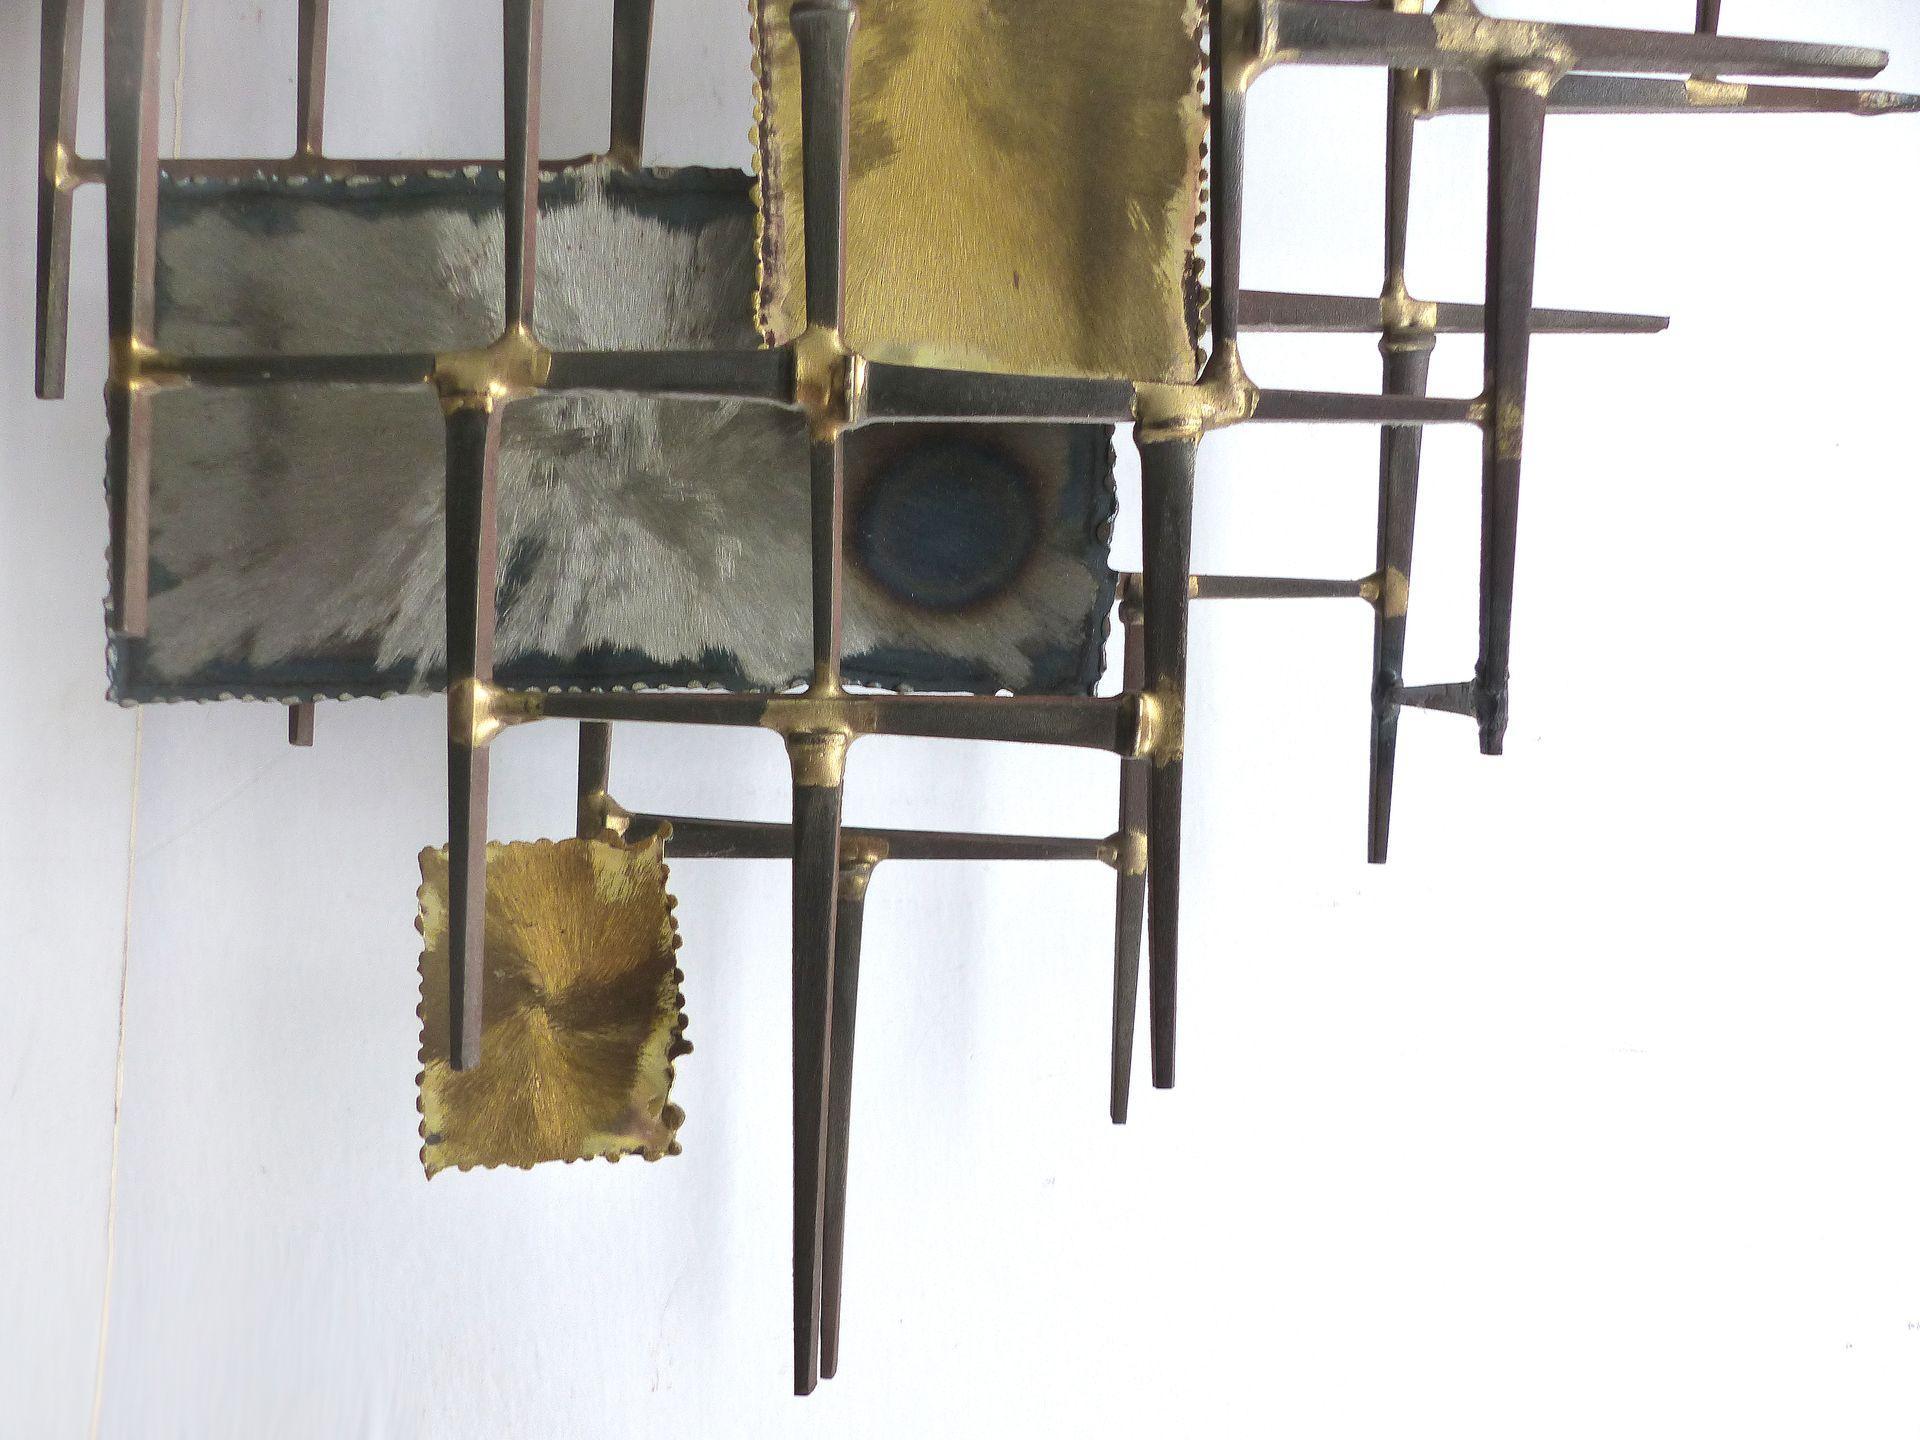 Mid-century Modern Brutalist Wall Sculpture   Modernism